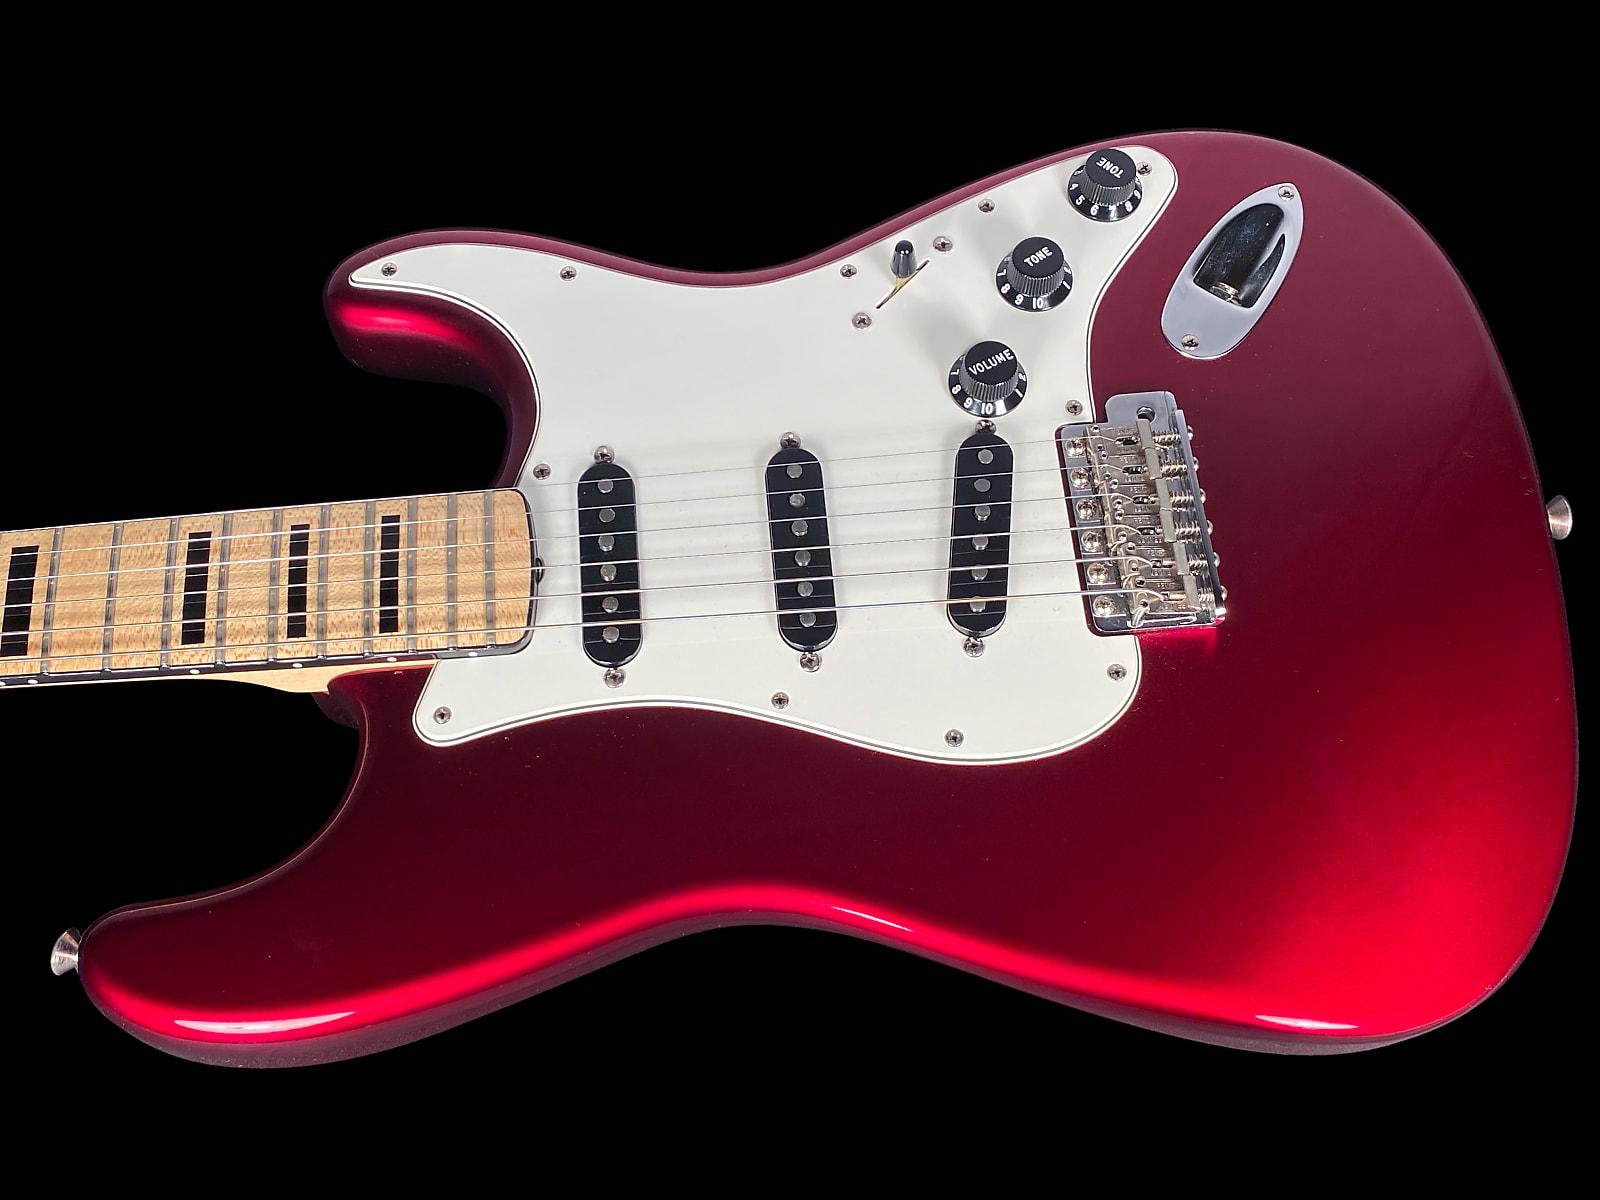 1997 Fender Stratocaster Custom 1969 Custom Shop Masterbuilt by Gene Baker ~ Candy Apple Red